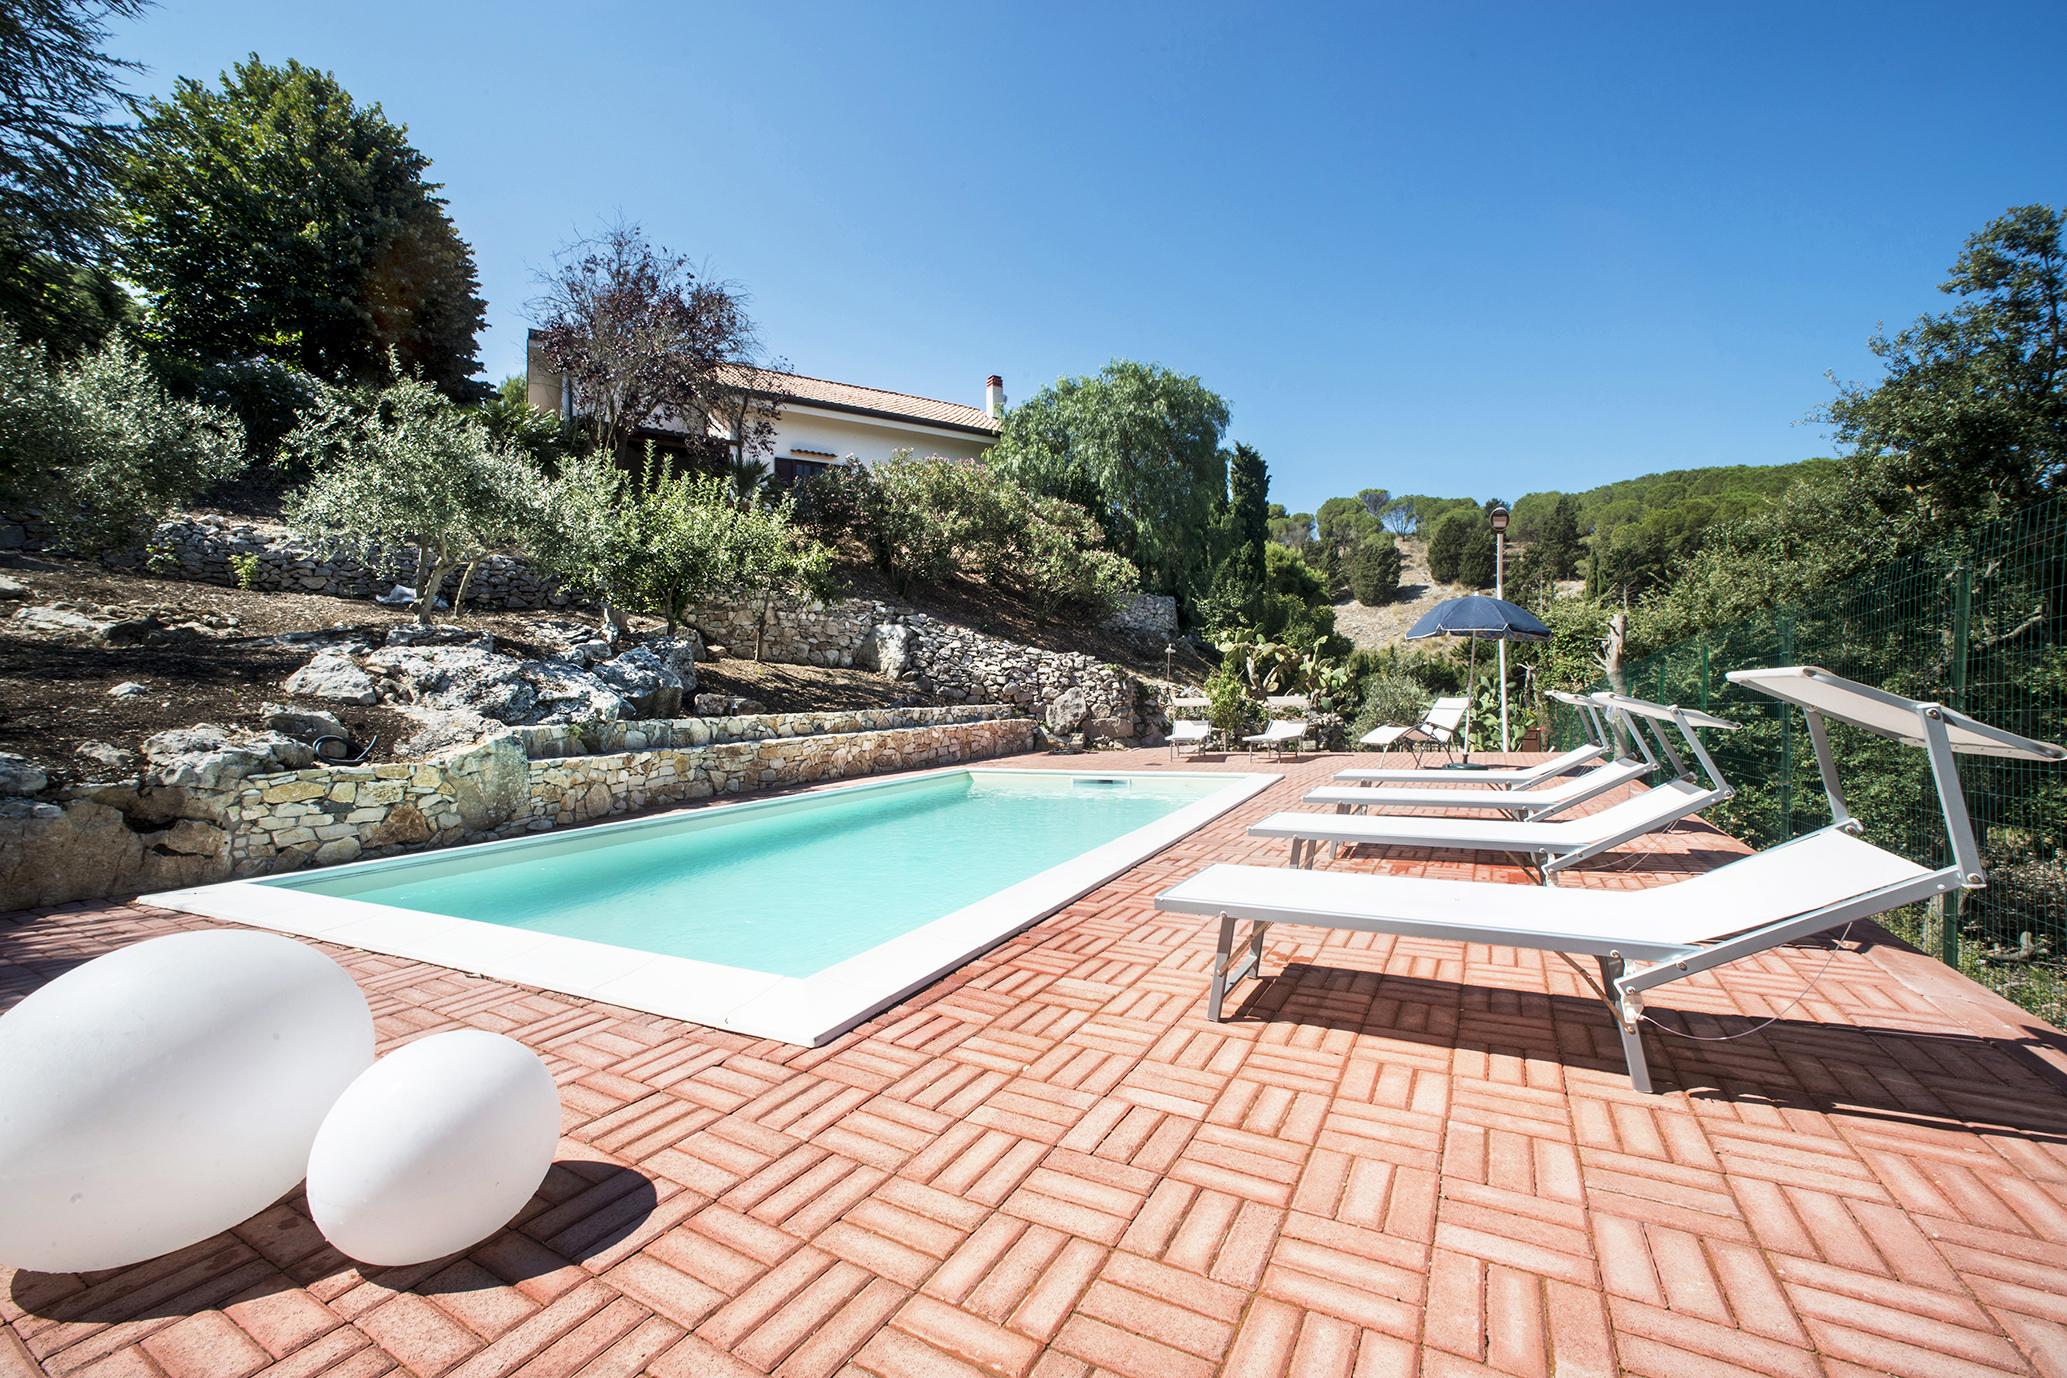 piscina 8x4 h piscine foto lavori realizzati